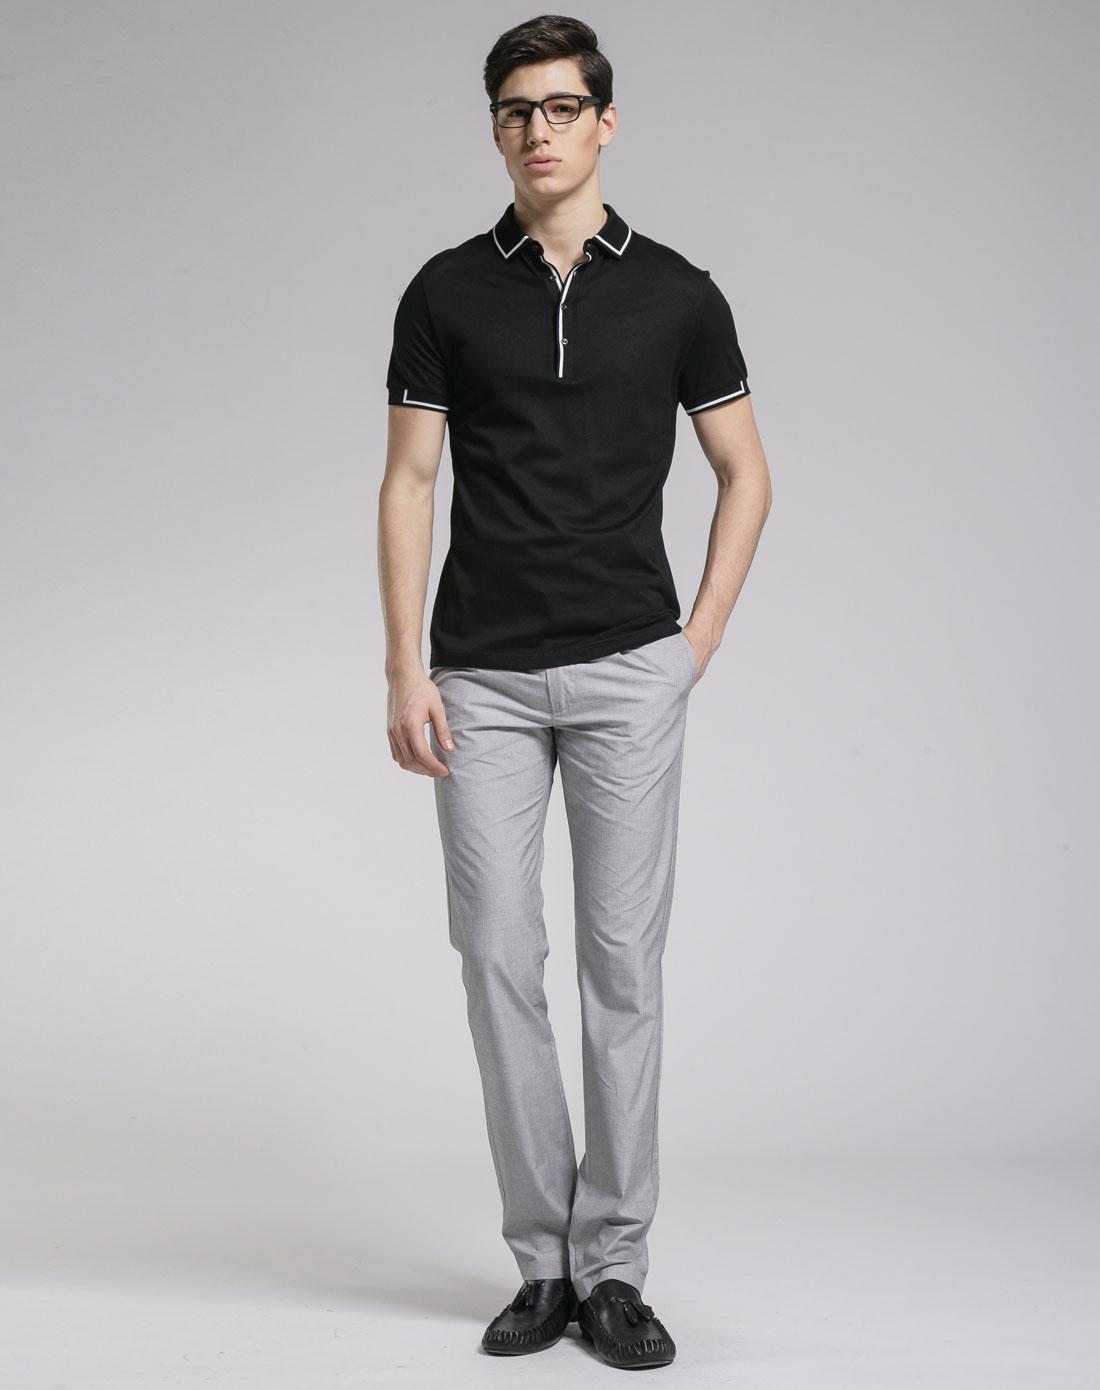 gxg 黑色翻领时尚短袖polo衫